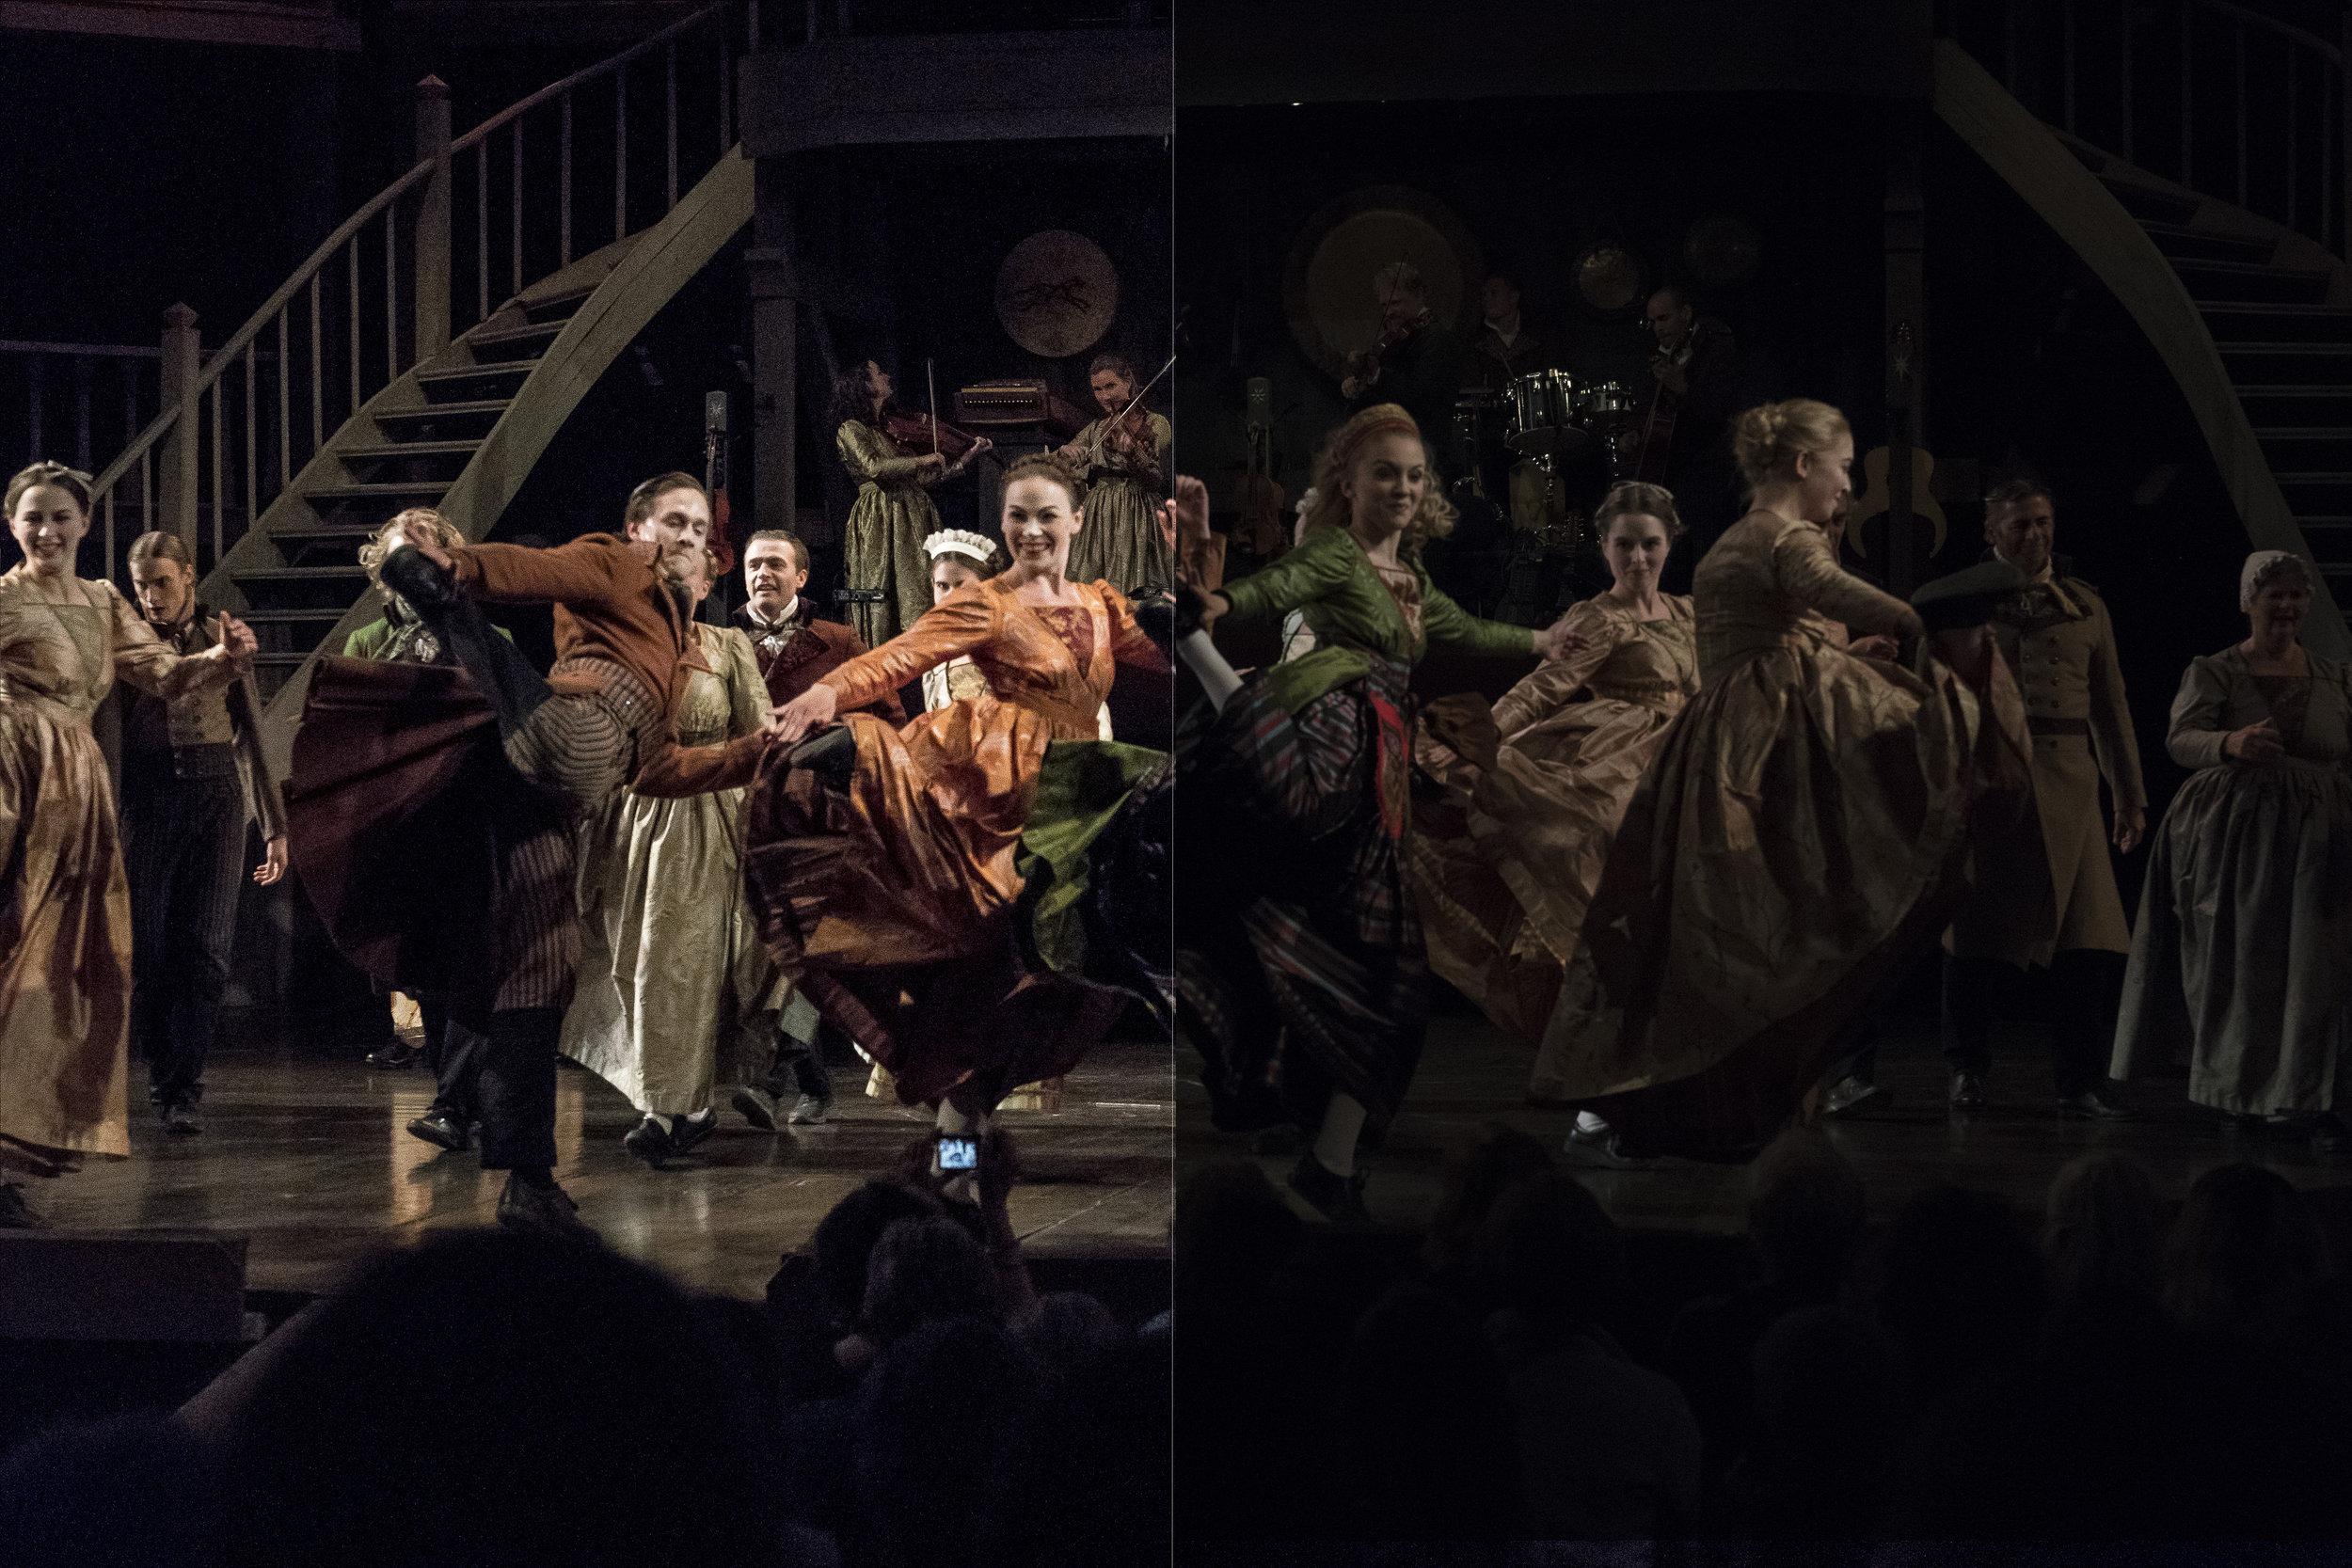 Vi fick inte fotografera under föreställningen av Charlotte Löwensköld med Västanå teater i Berättarladan i Sunne. Men vid applåderna i slutet var det tillåtet. För att inte bränna ur högdagrarna underexponerade vi. Till vänster redigerat, och till höger obearbetat. (ISO6400, f 5,6, 1/1250)